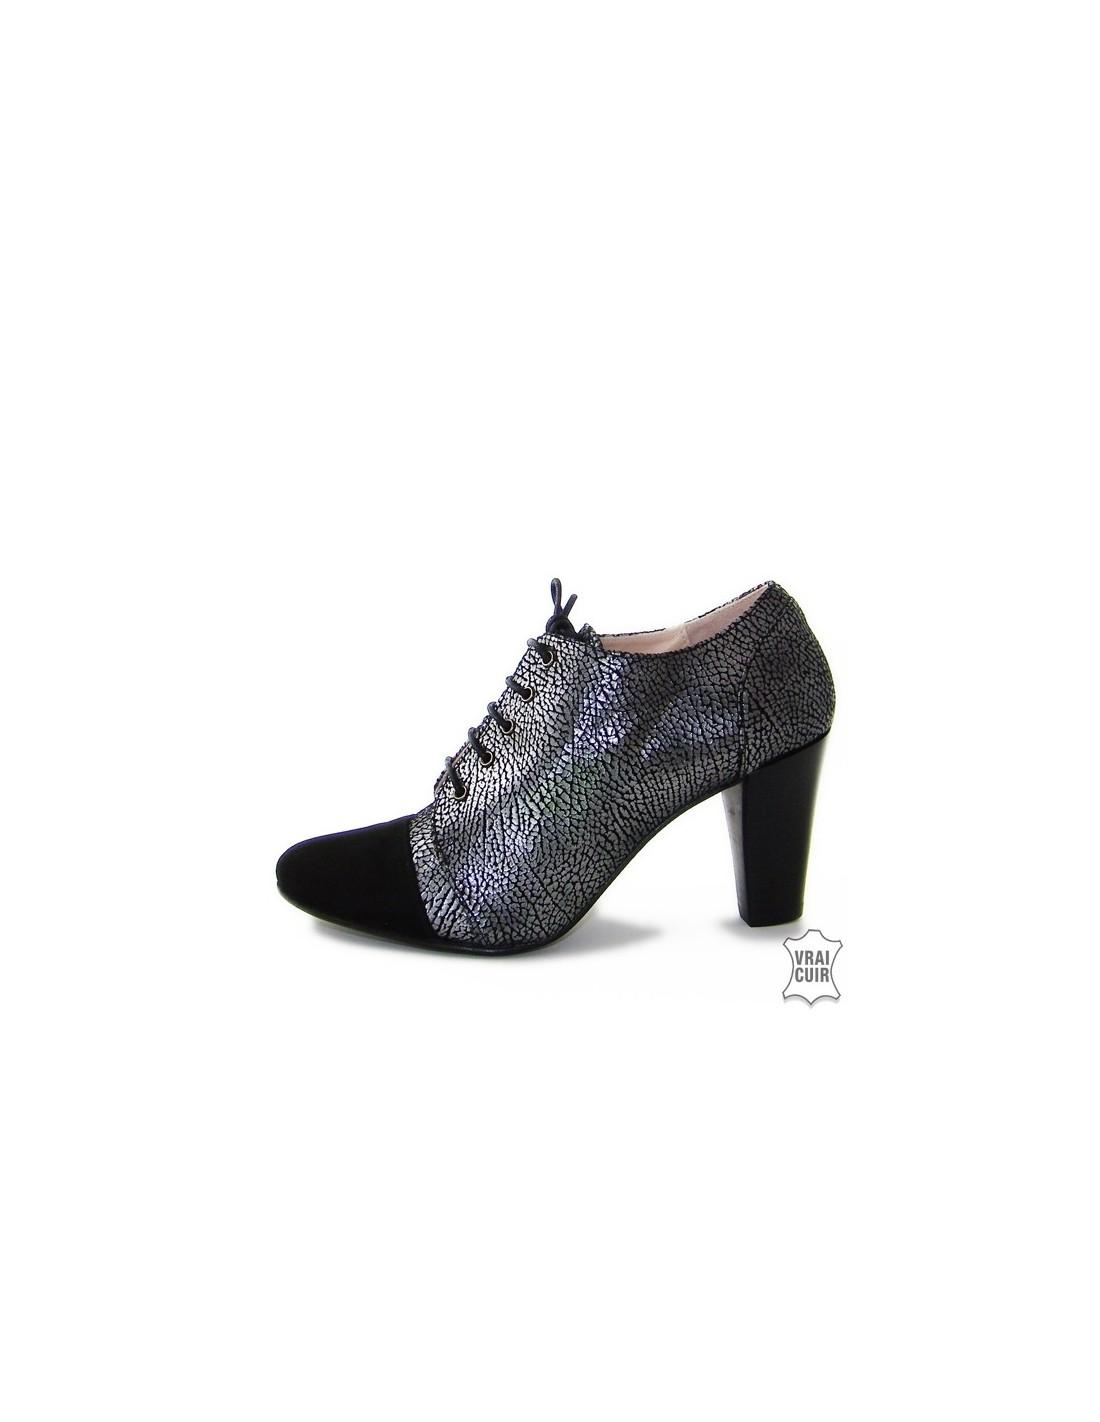 acheter pas cher f3f96 f517d Chaussures petites pointures femmes, derbies à talons 32 à 35